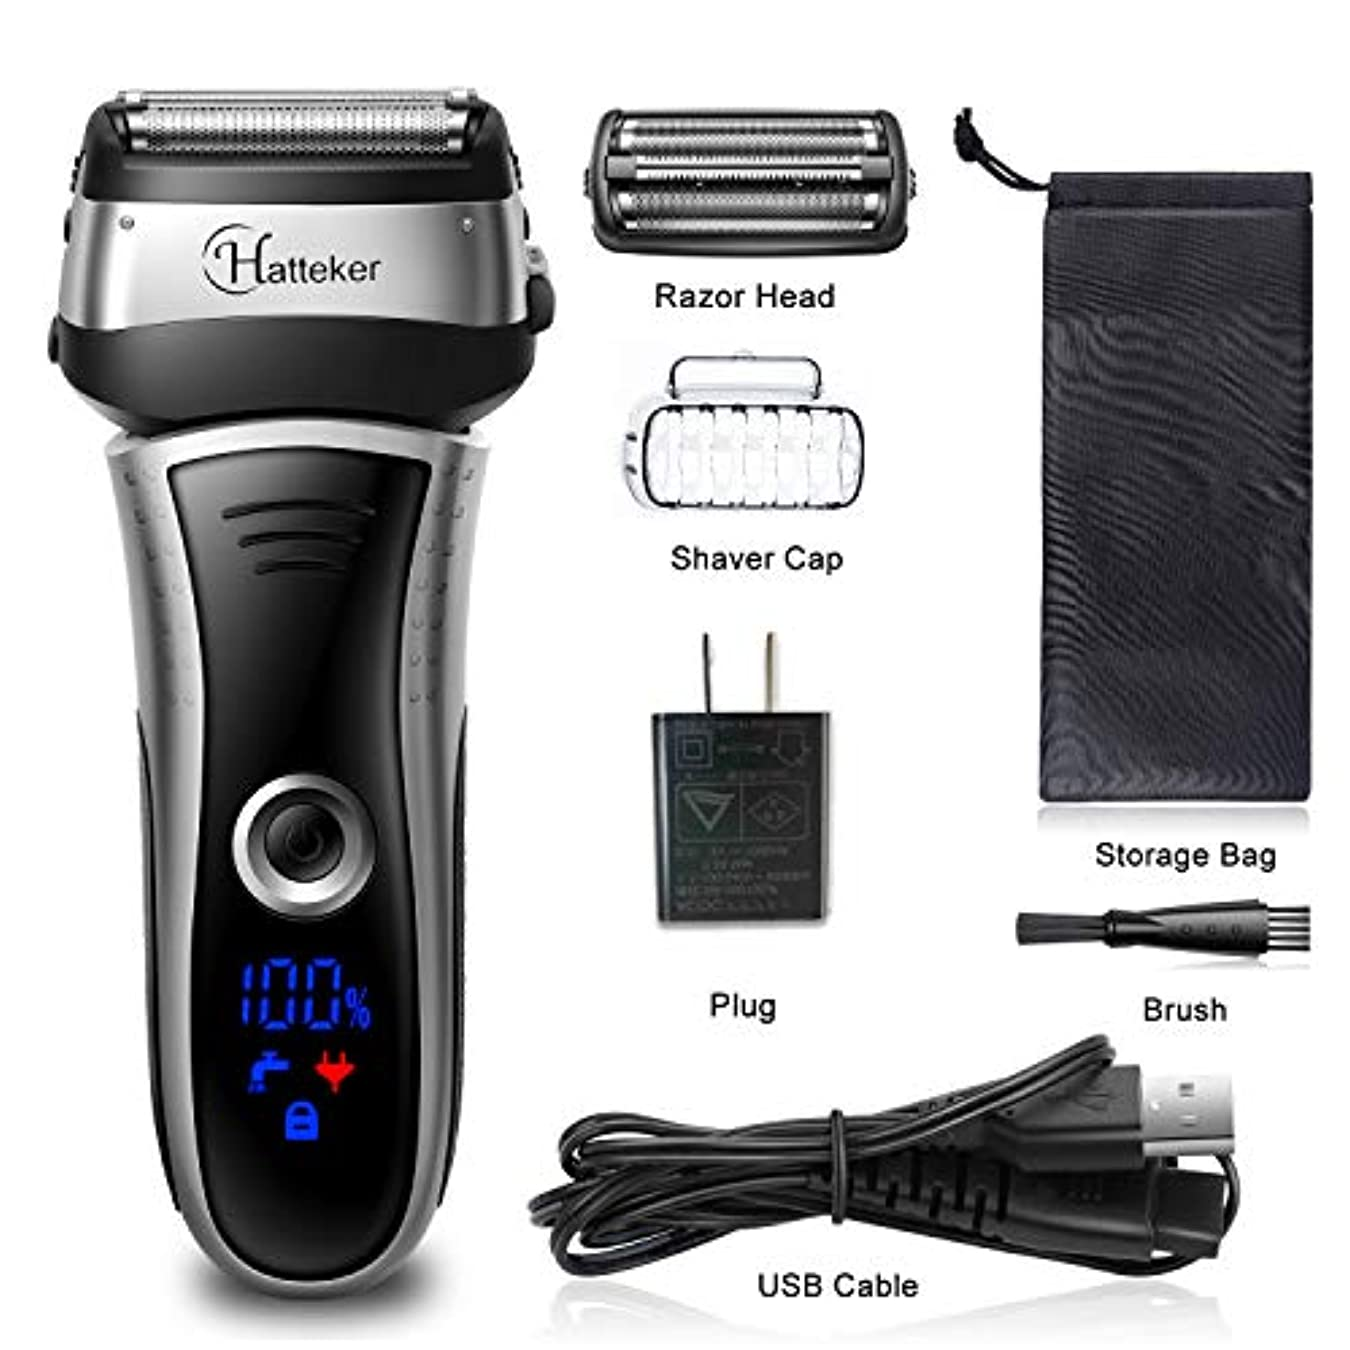 インセンティブ引き出すホップHATTEKER メンズシェーバー ひげそり 電動髭剃り 往復式シェーバー 3枚刃 USB充電式 LEDディスプレイ お風呂剃り & 丸洗可 替刃付きブラック